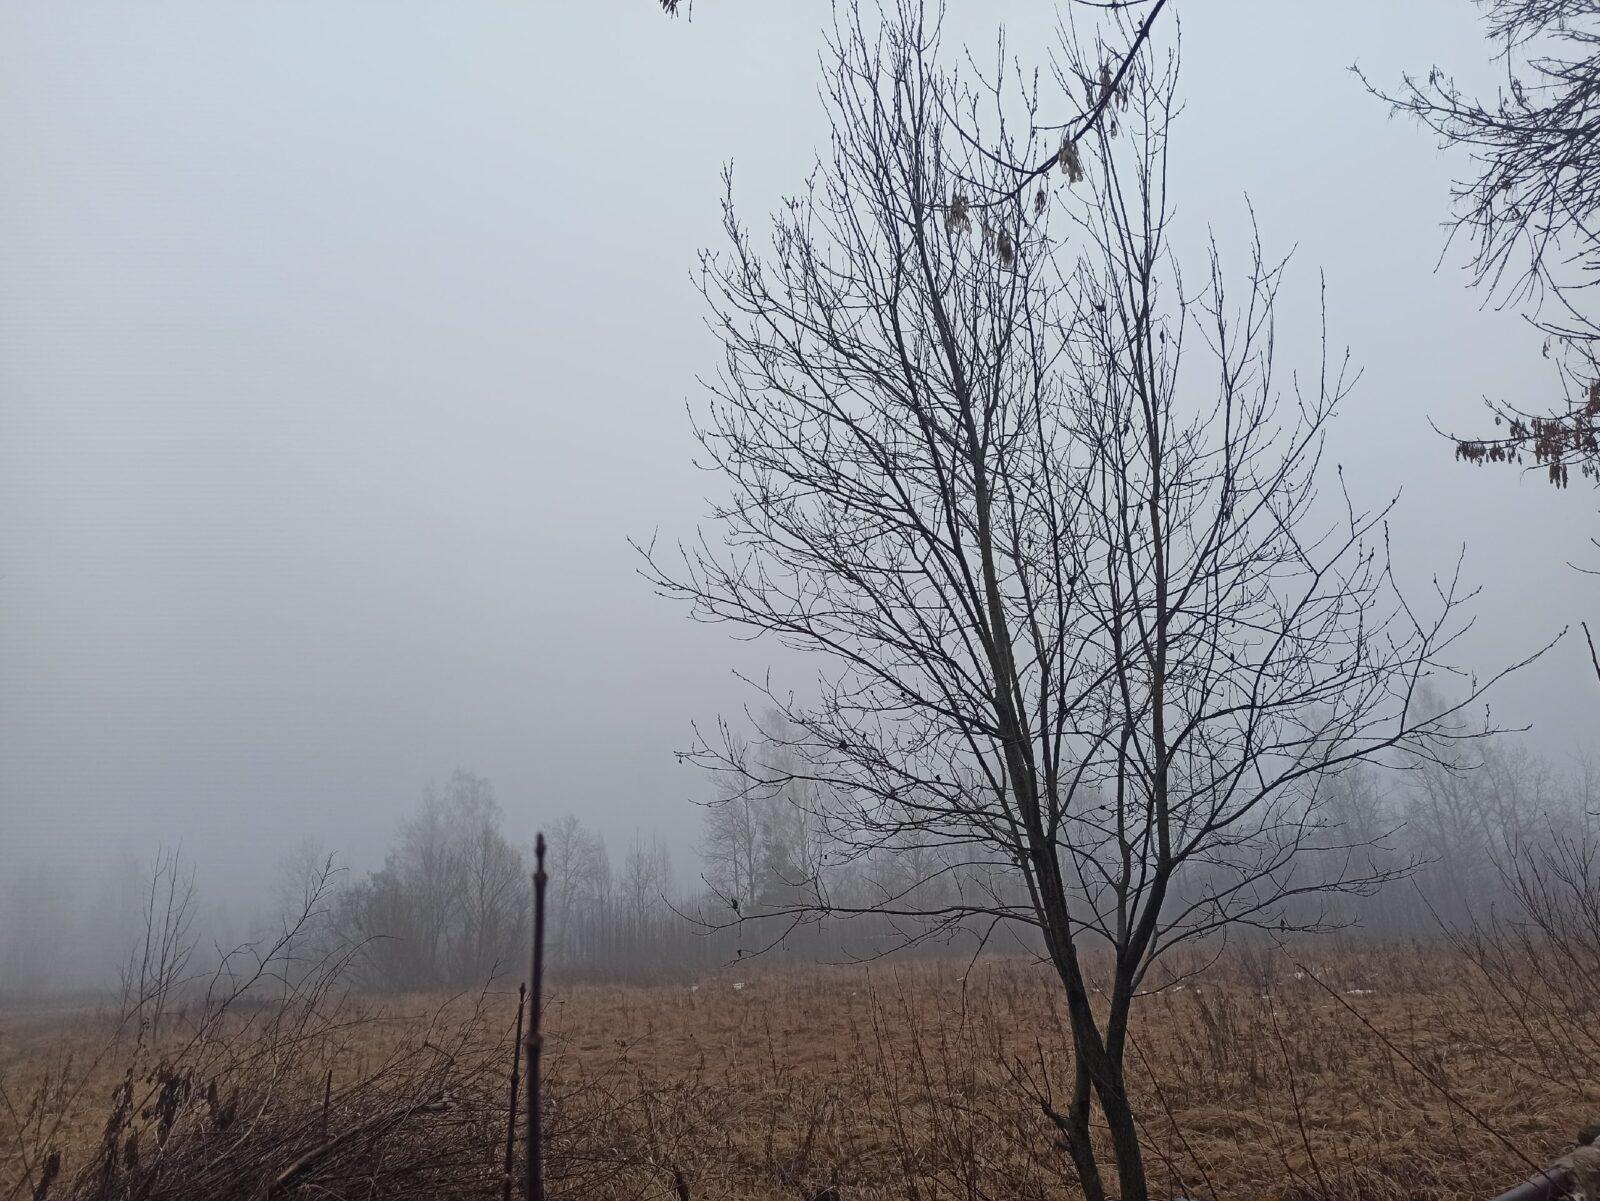 На Тверь опустился плотный туман